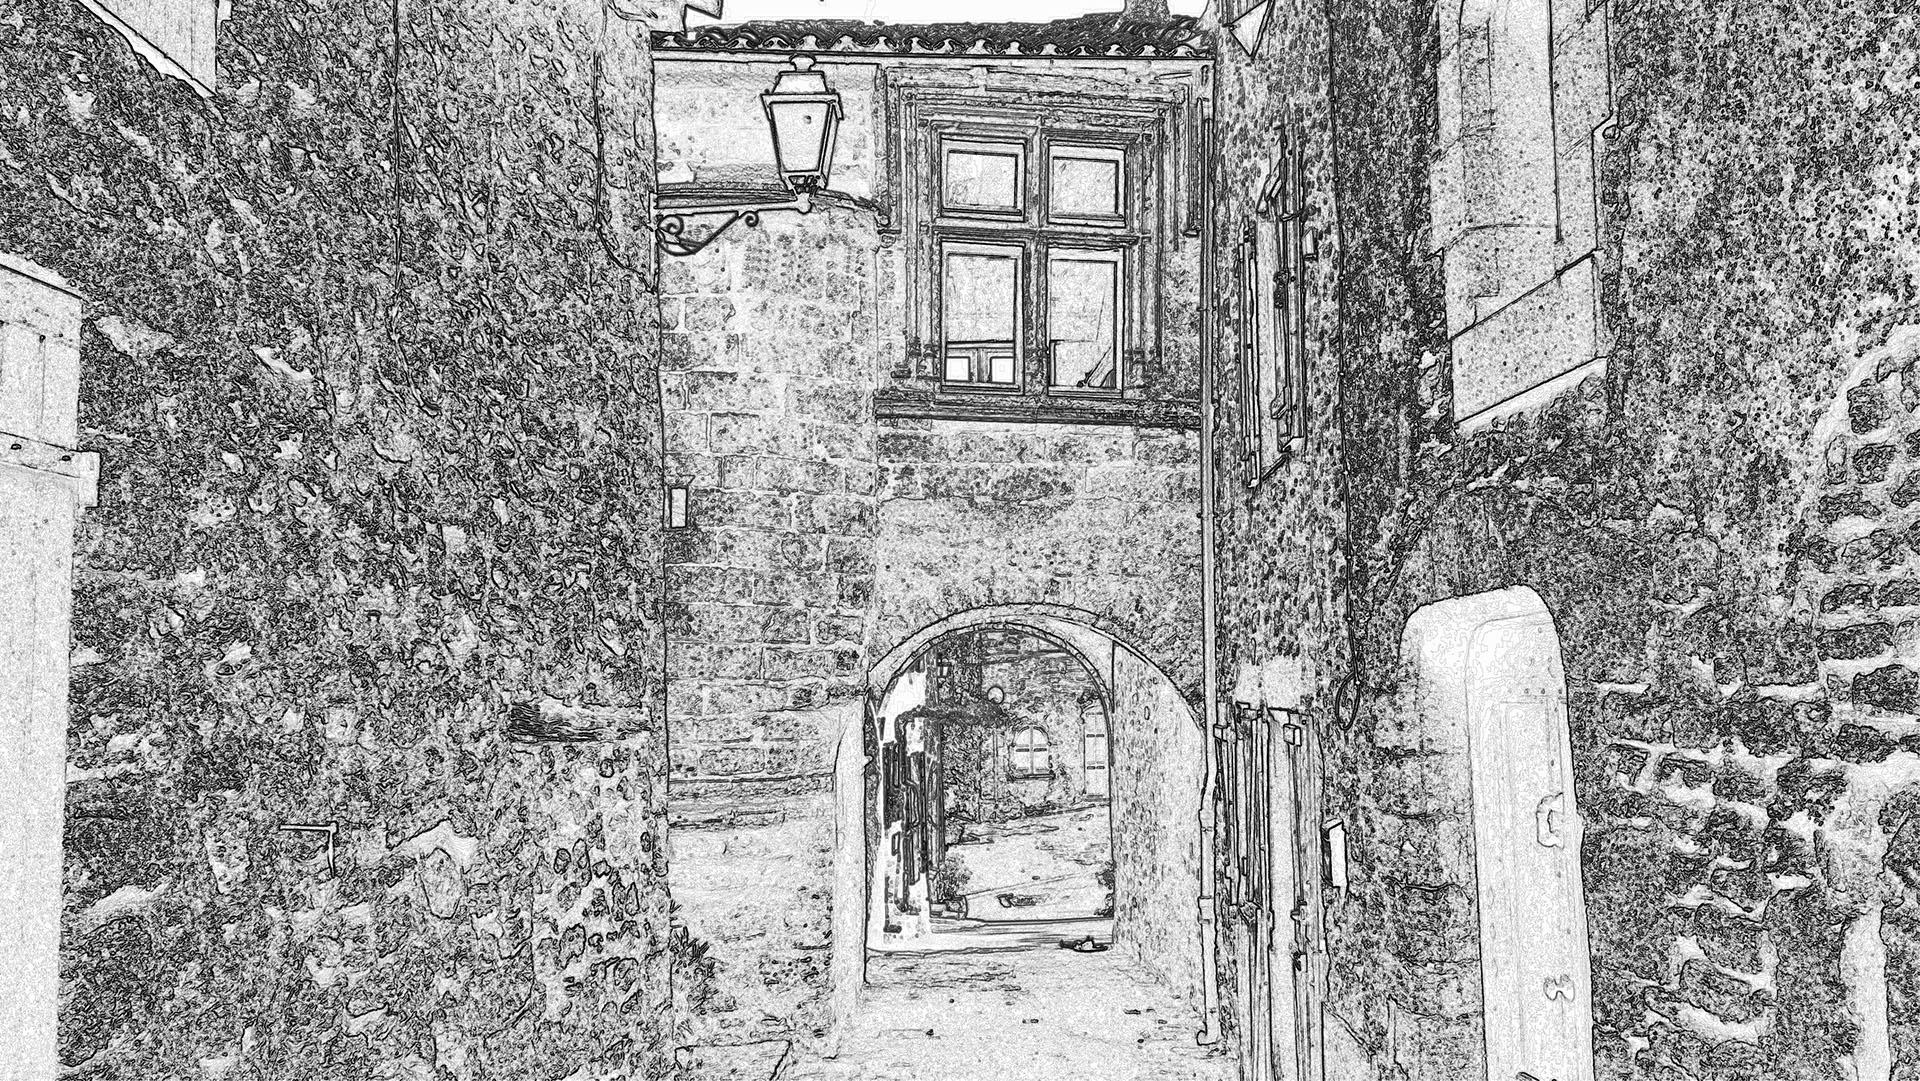 Maison dite de la Reine Jeanne à Cucuron